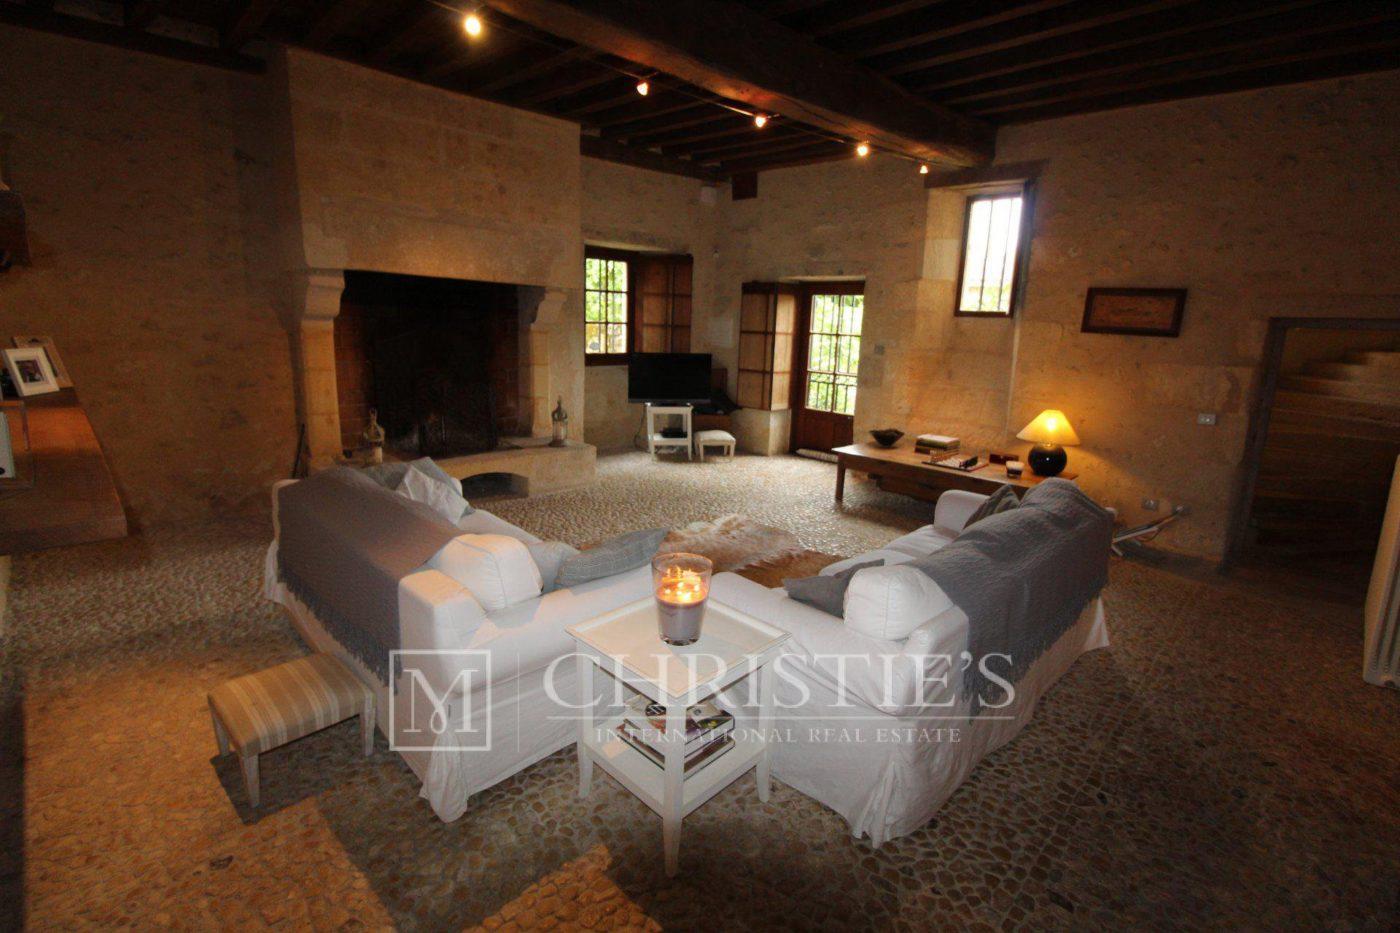 Salon, Moquette, Cheminée - Petit vignoble près de Saint-Emilion avec magnifique Château historique